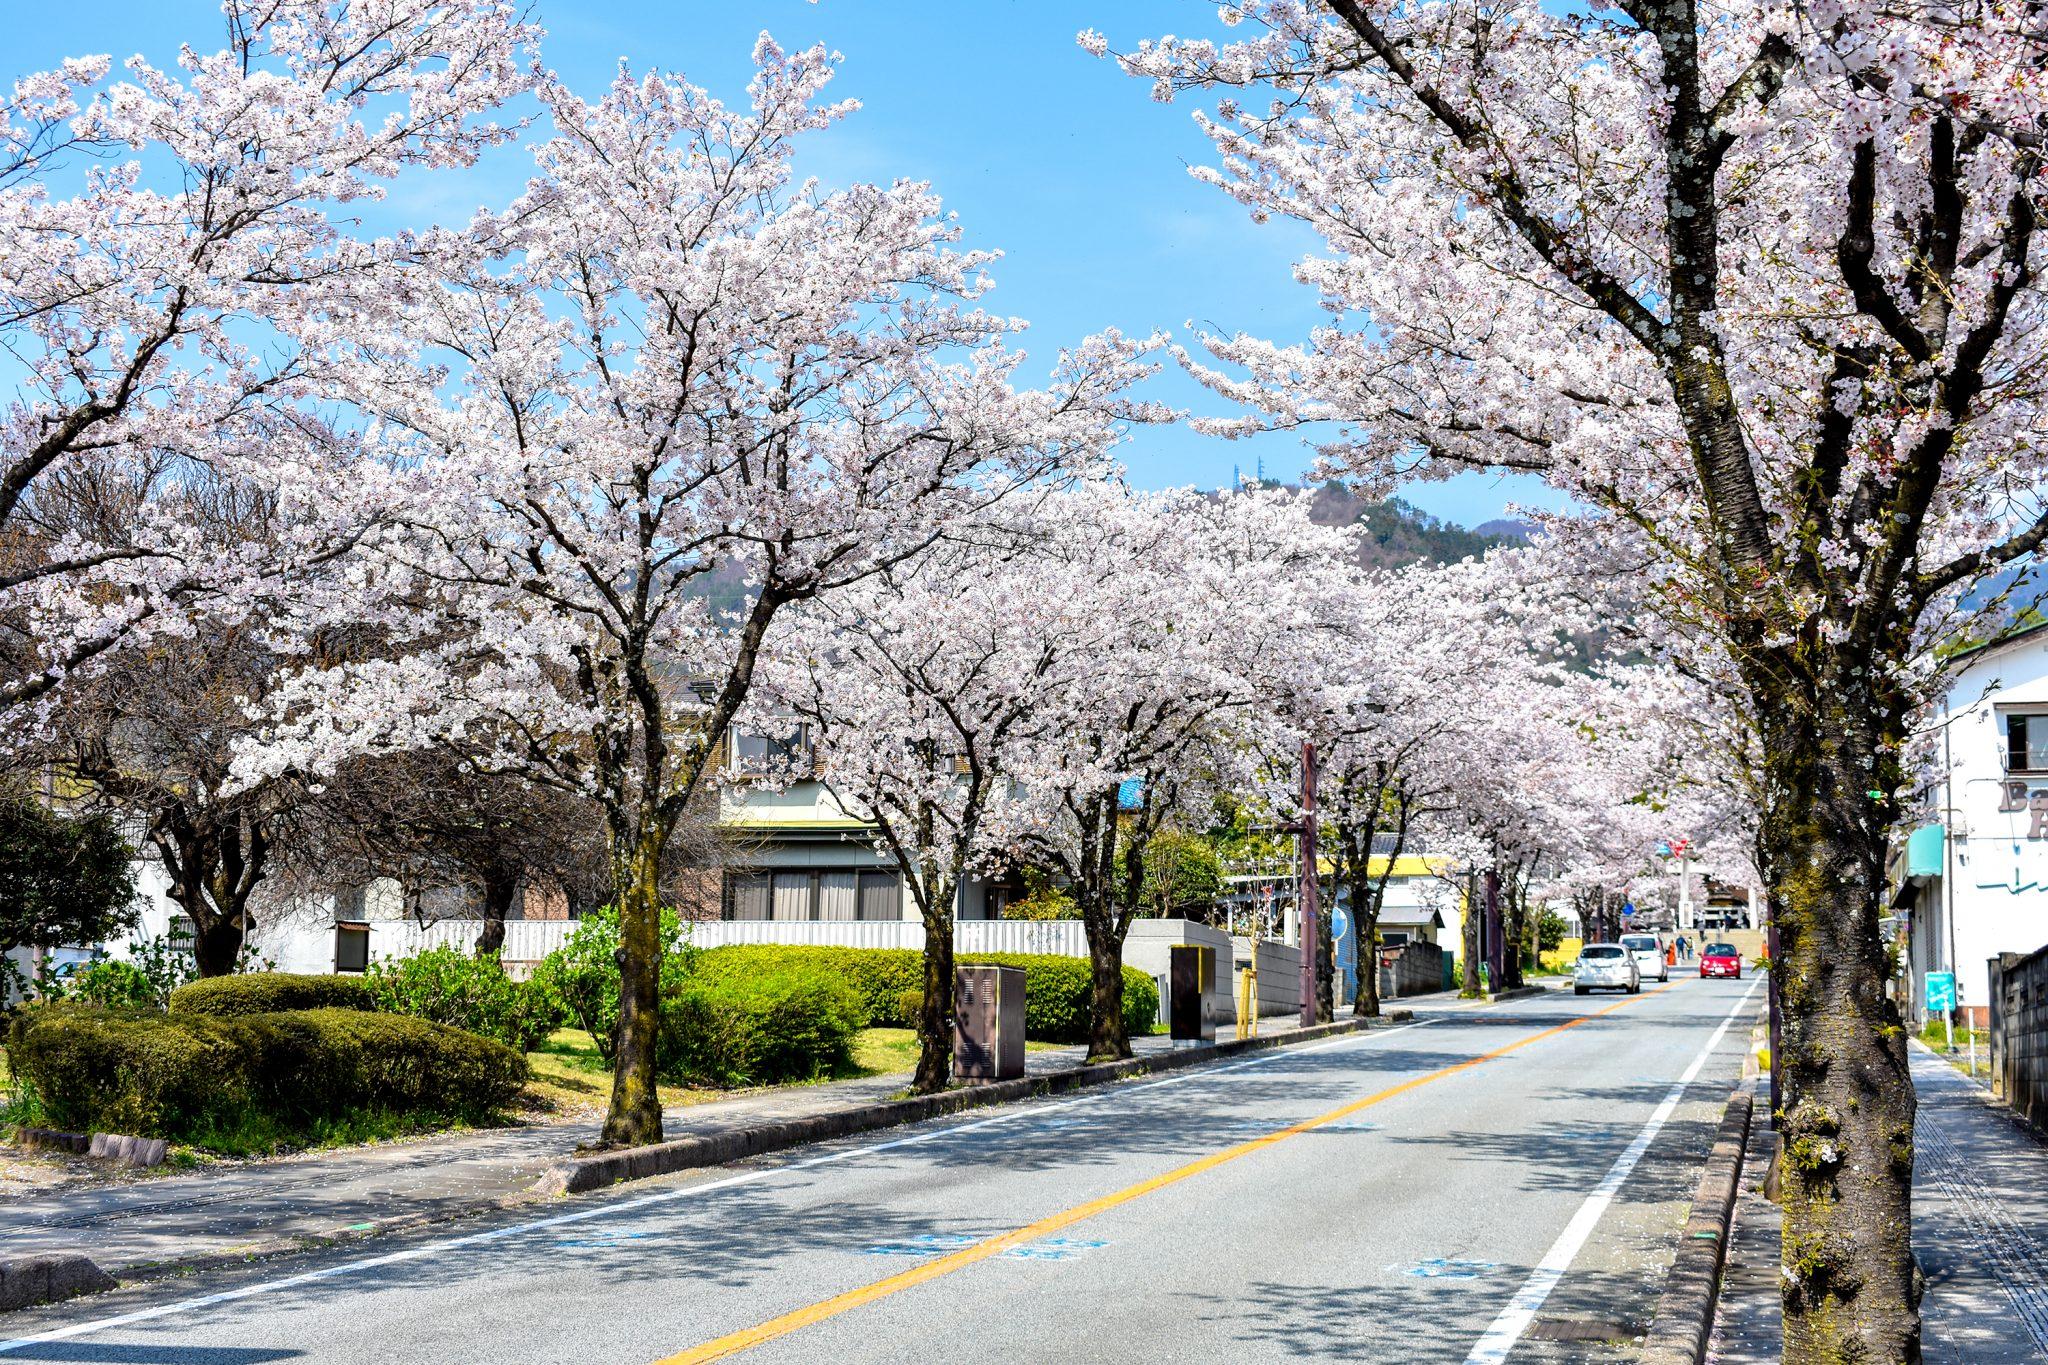 武田神社 武田通りの桜 写真7